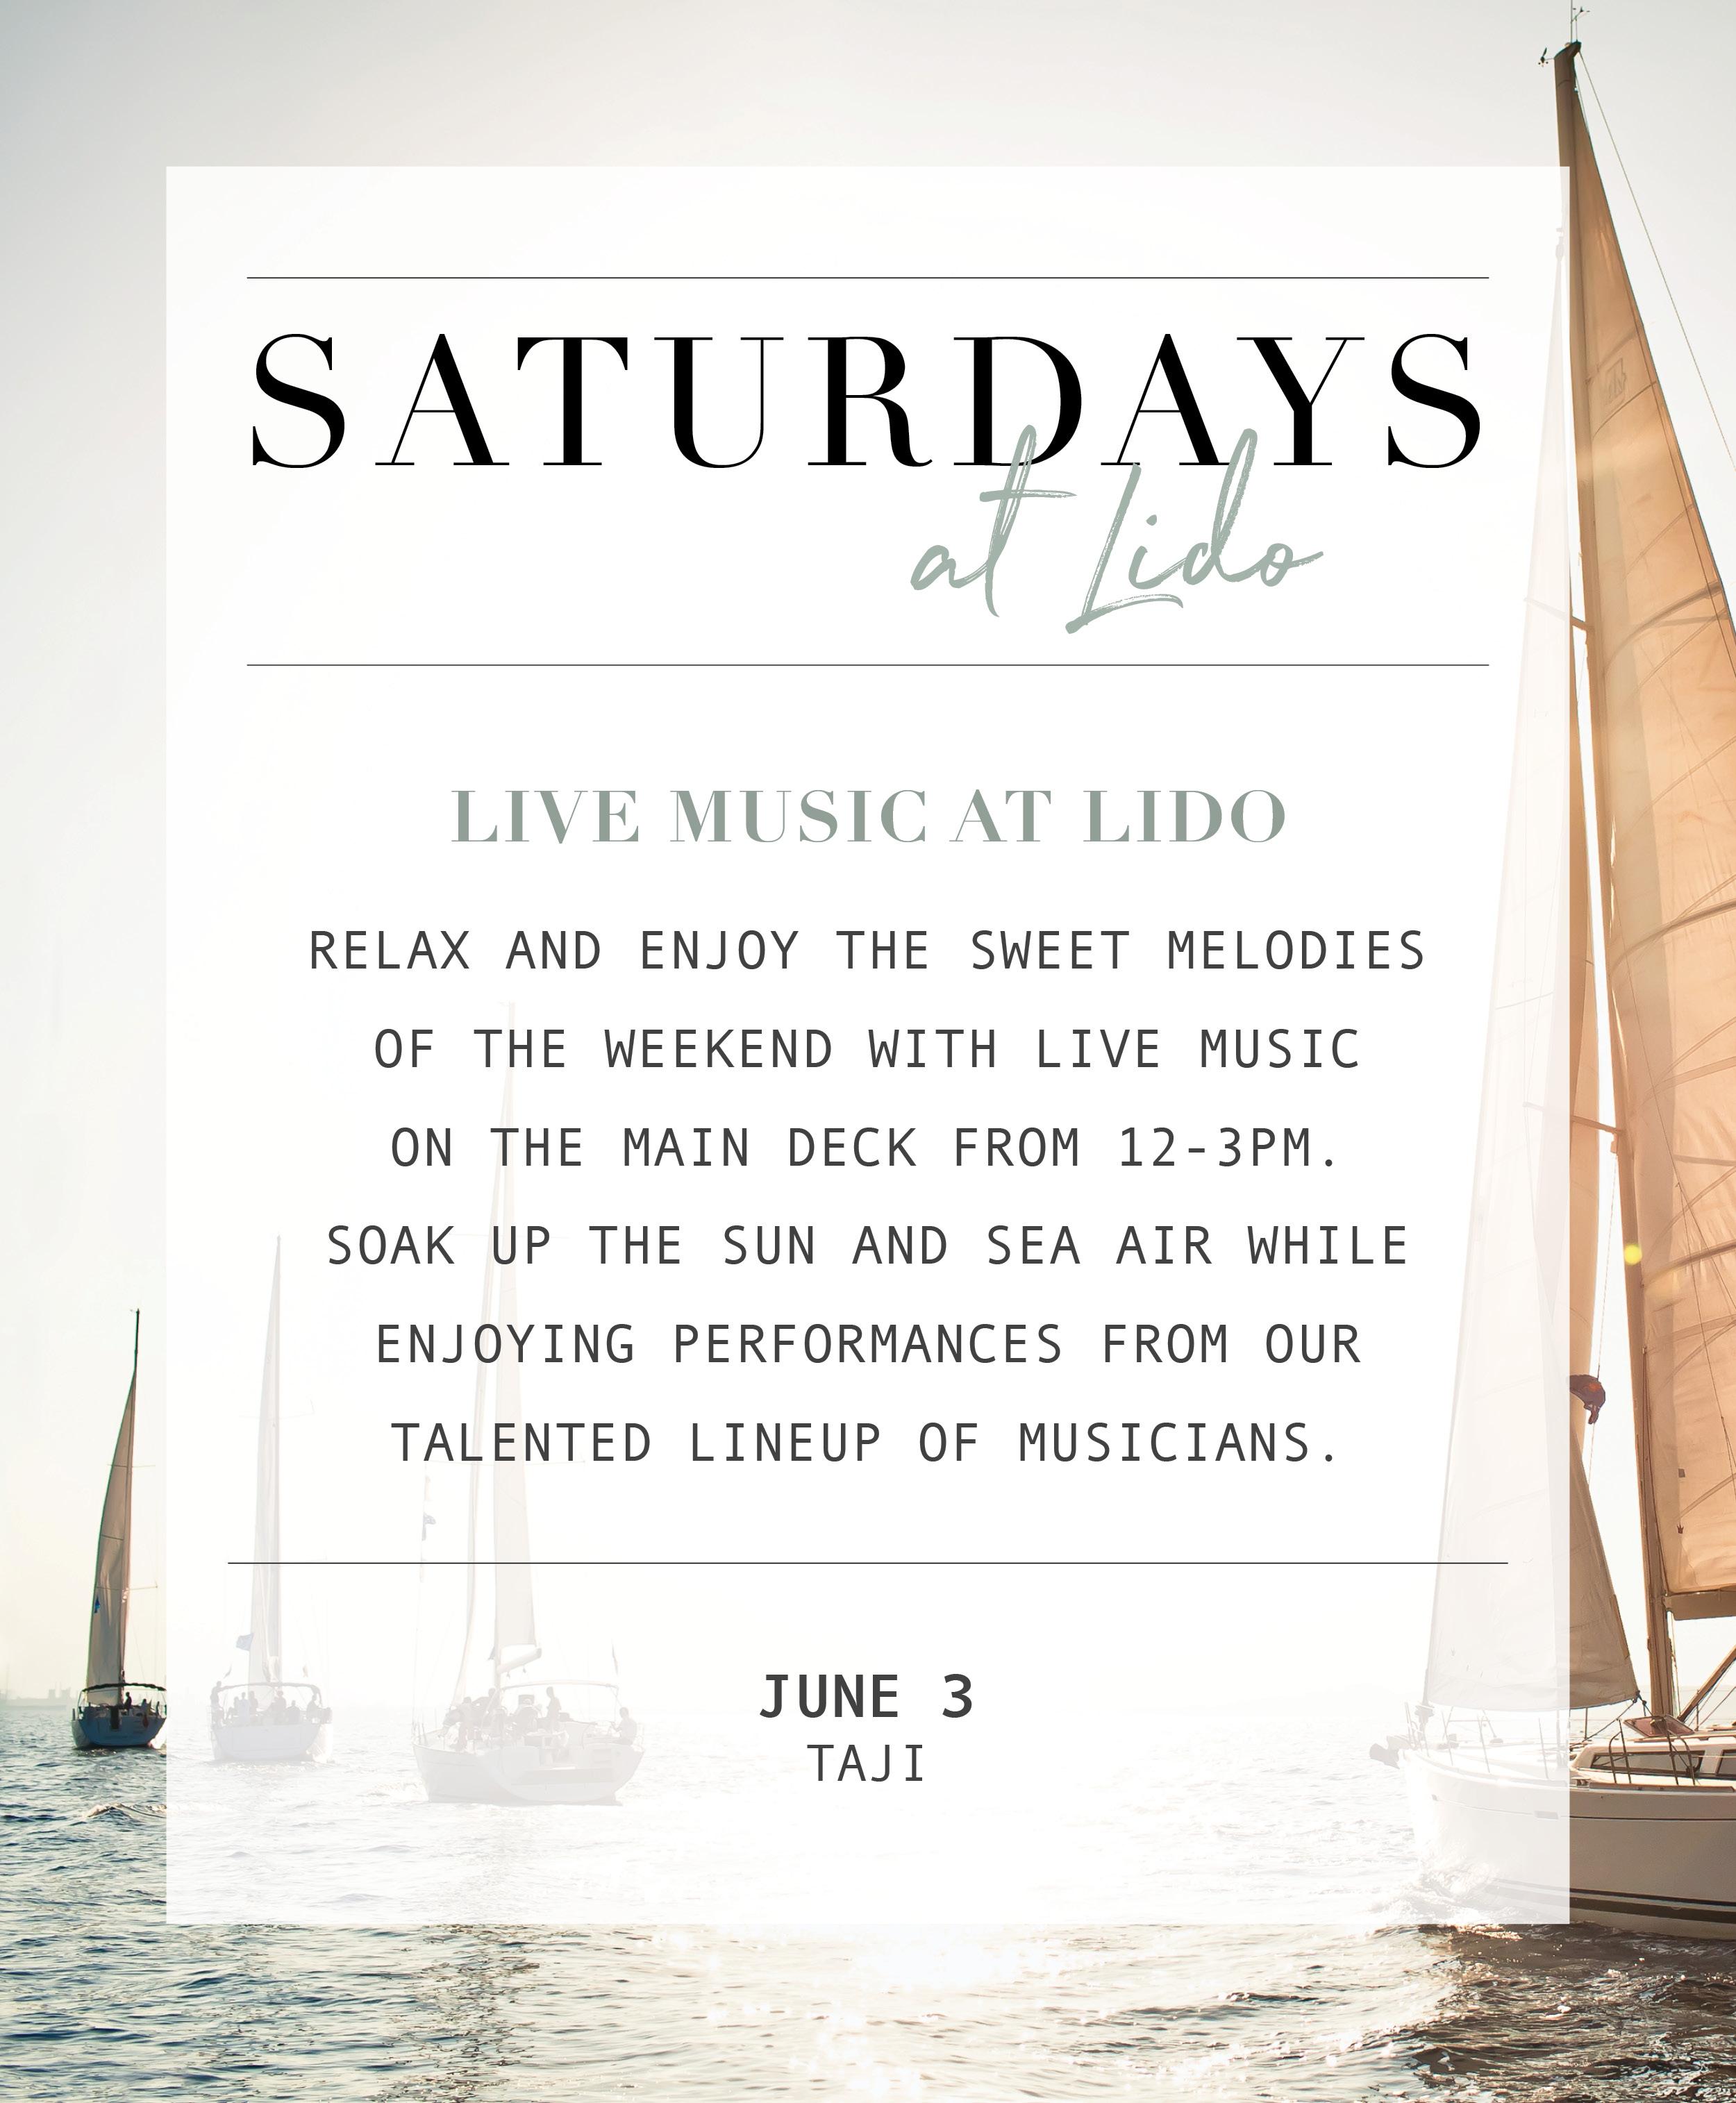 lido-live-music-taji